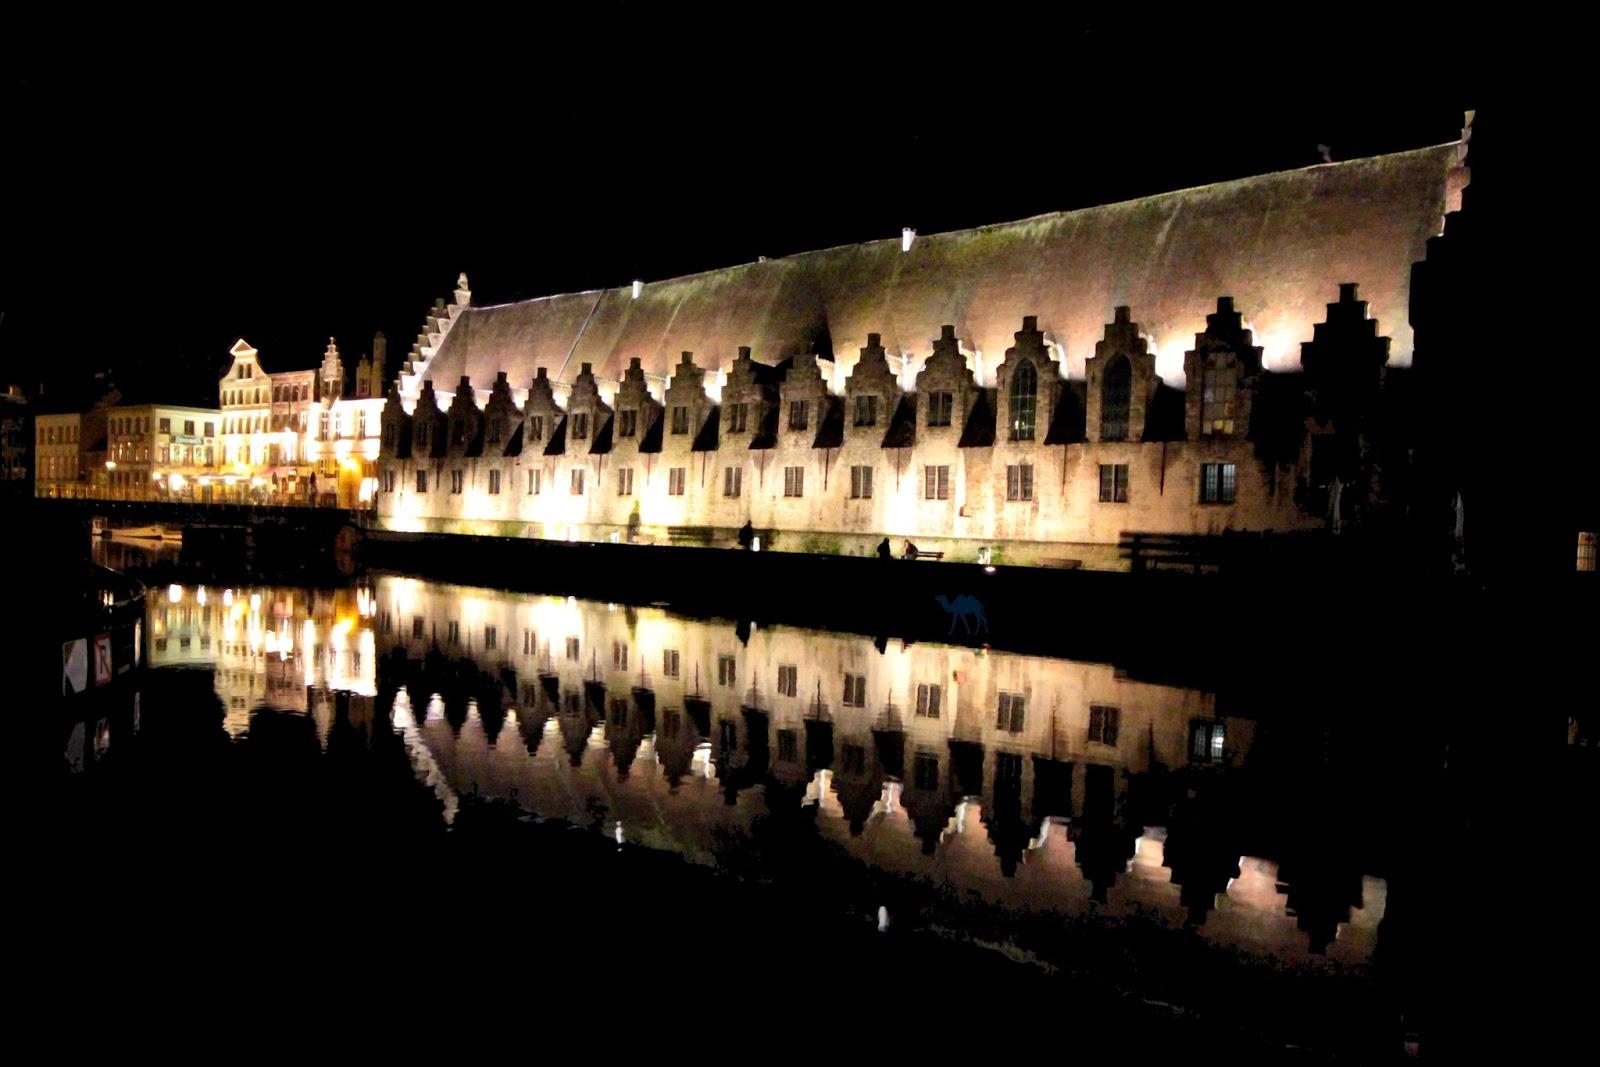 Le Chameau Bleu - Gand By Night - Groentenmarkt Belgique